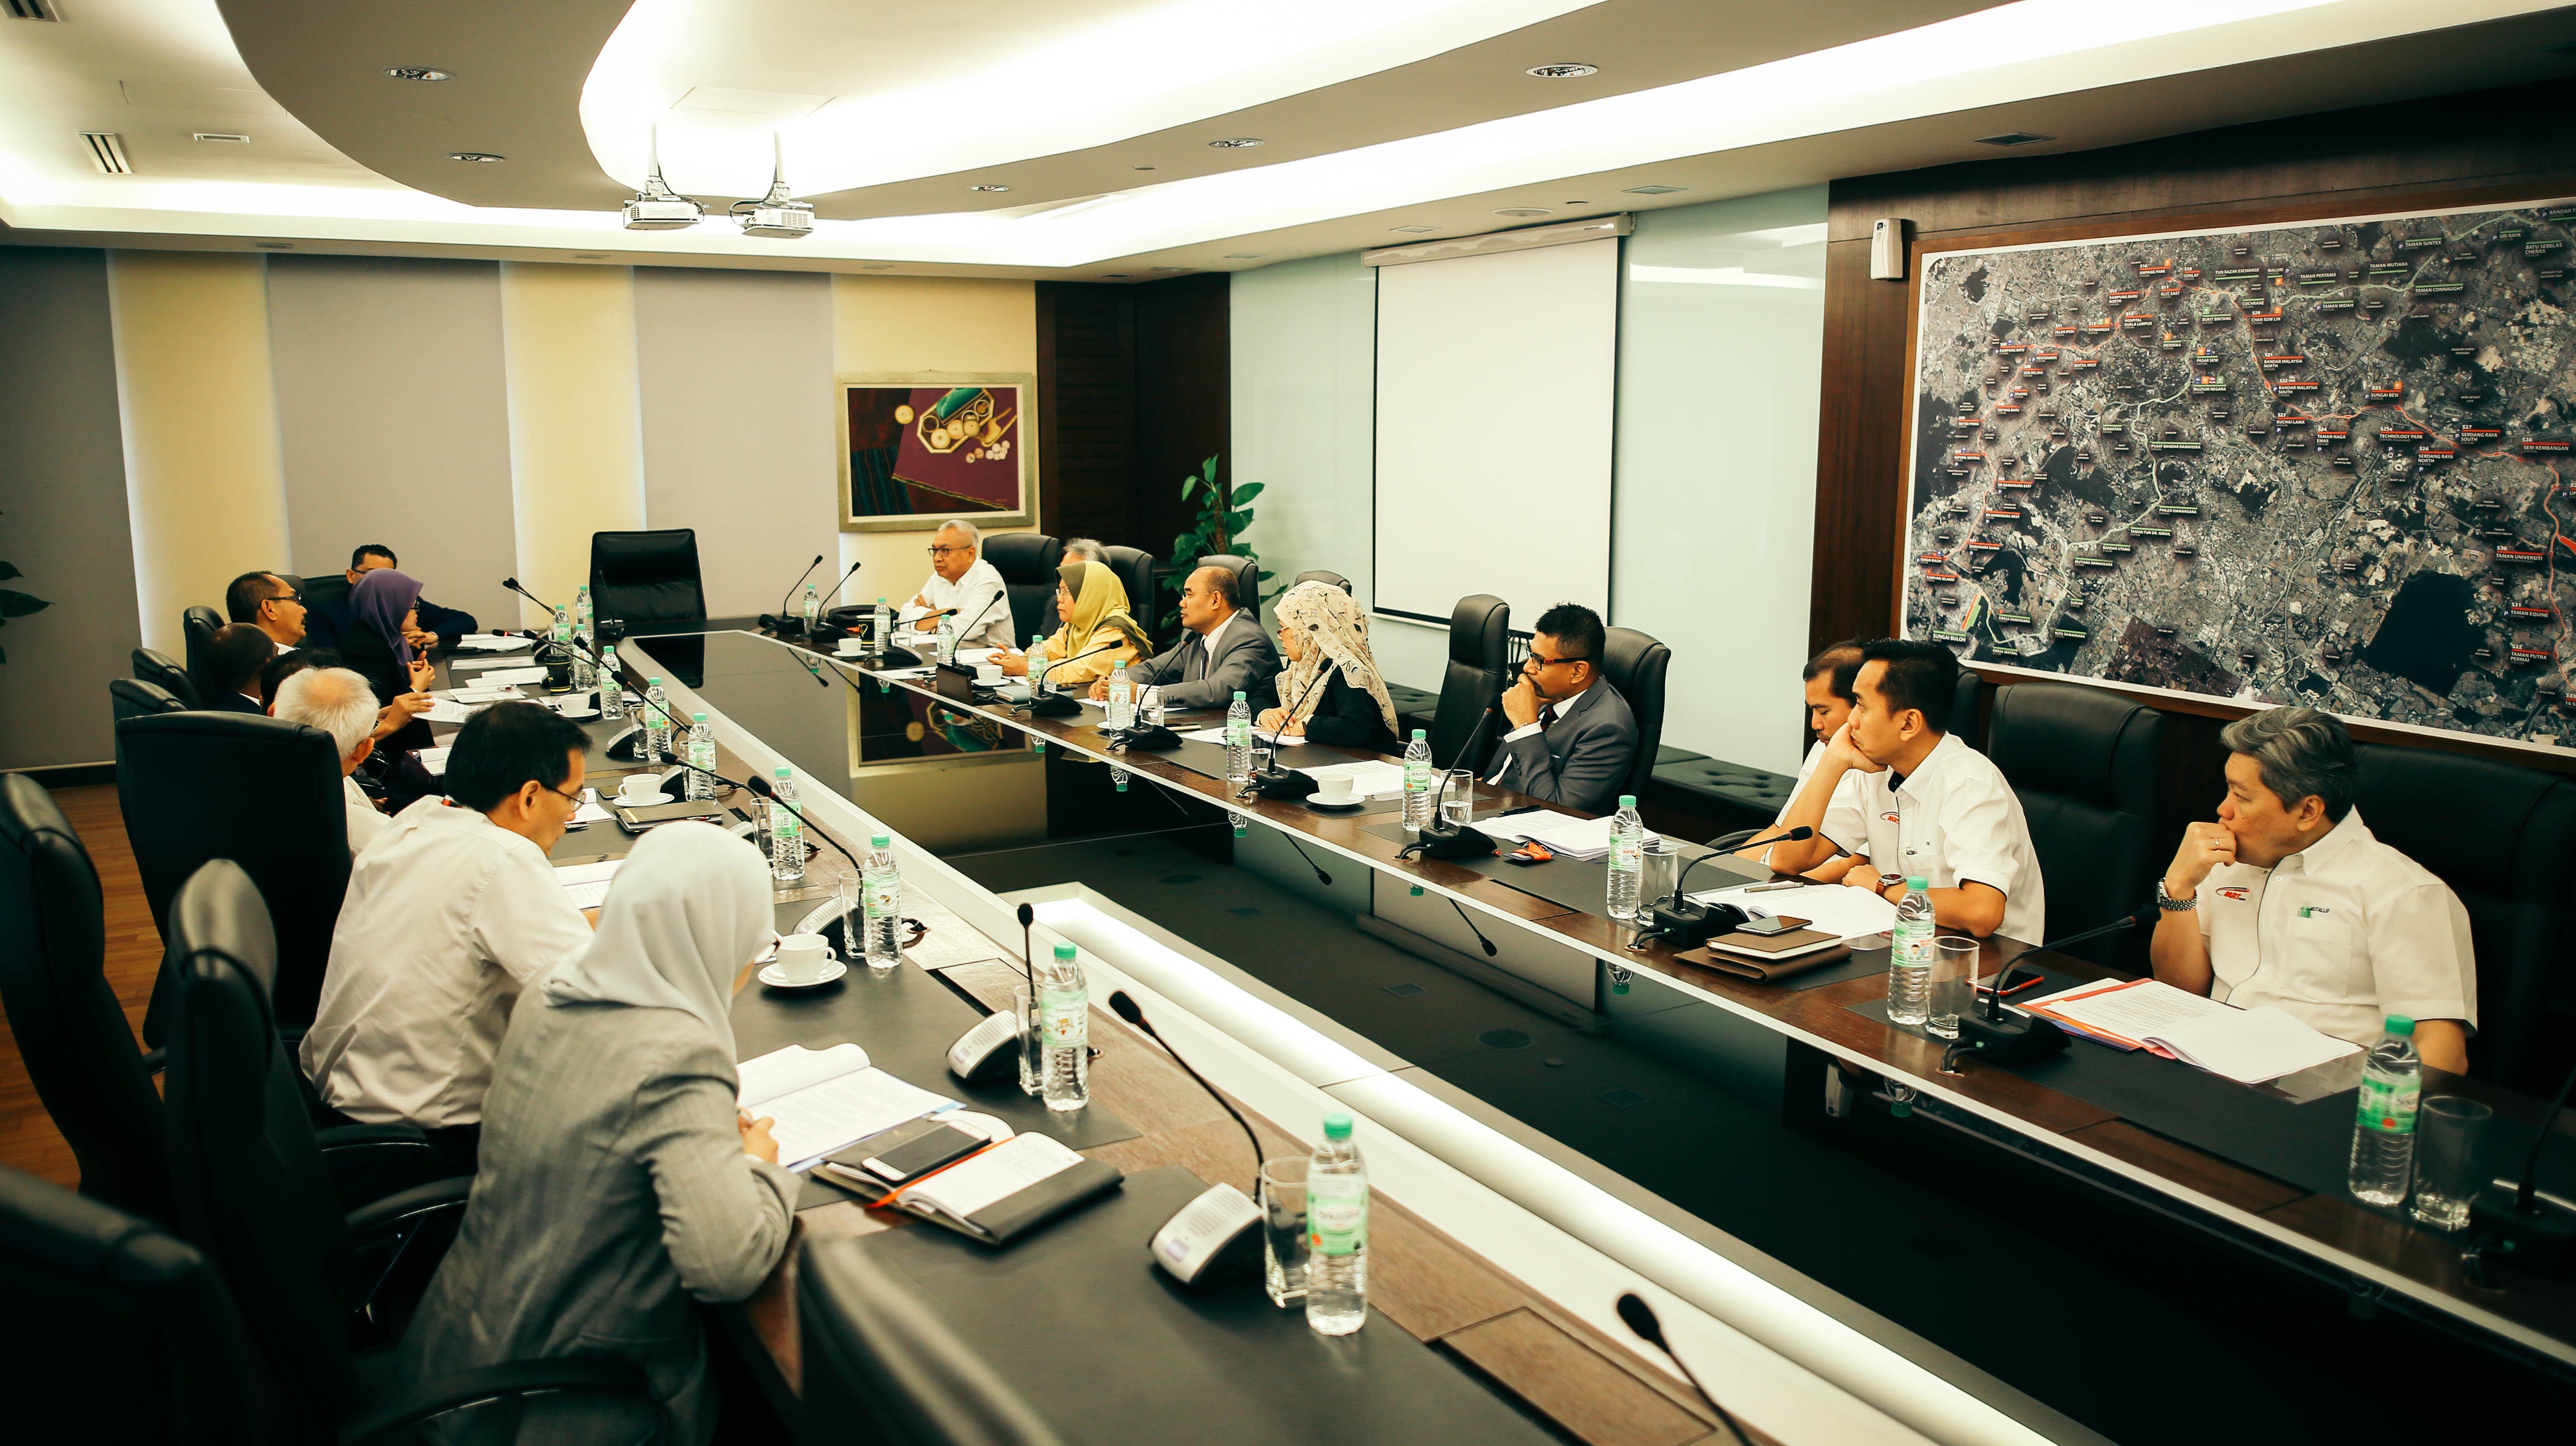 BERLANGSUNG: Lembaga Pengarah dan Barisan Kepimpinan Mass Rapid Transit Corporation Sdn Bhd memberi perhatian penuh kepada penerangan berkenaan Akta Suruhanjaya Pencegahan Rasuah Malaysia (Pindaan) 2018.